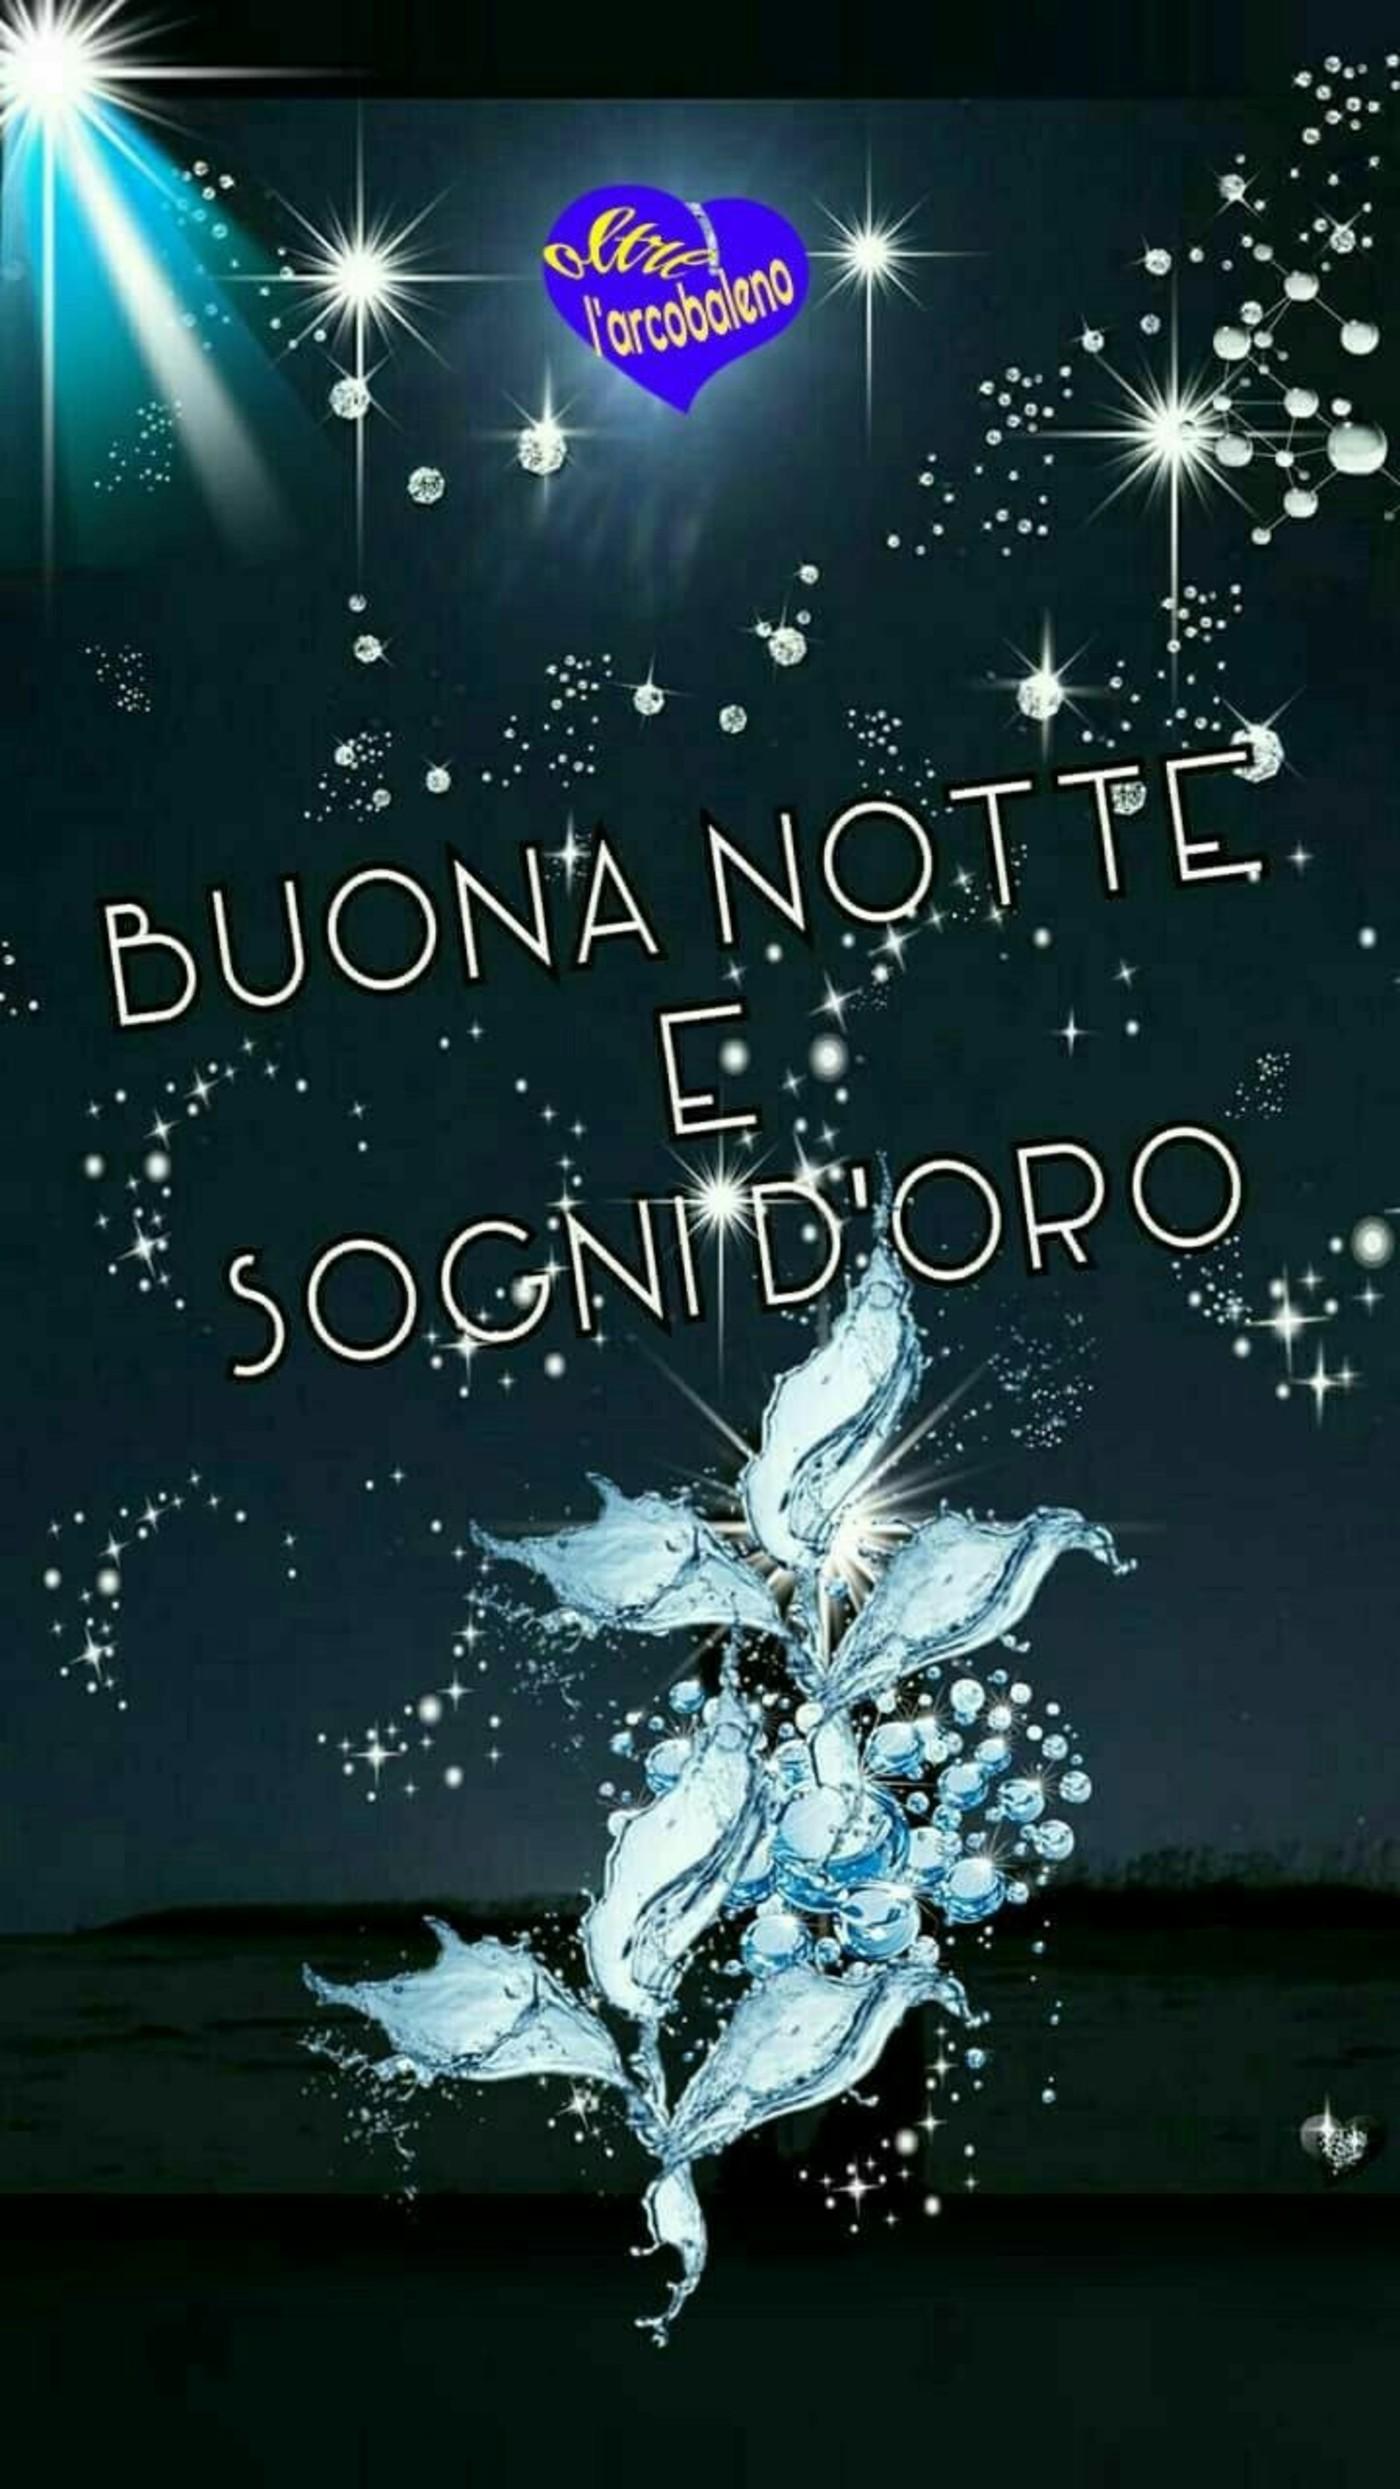 Buonanotte Immagini Nuove Gratis 58 Buongiorno Immagini It